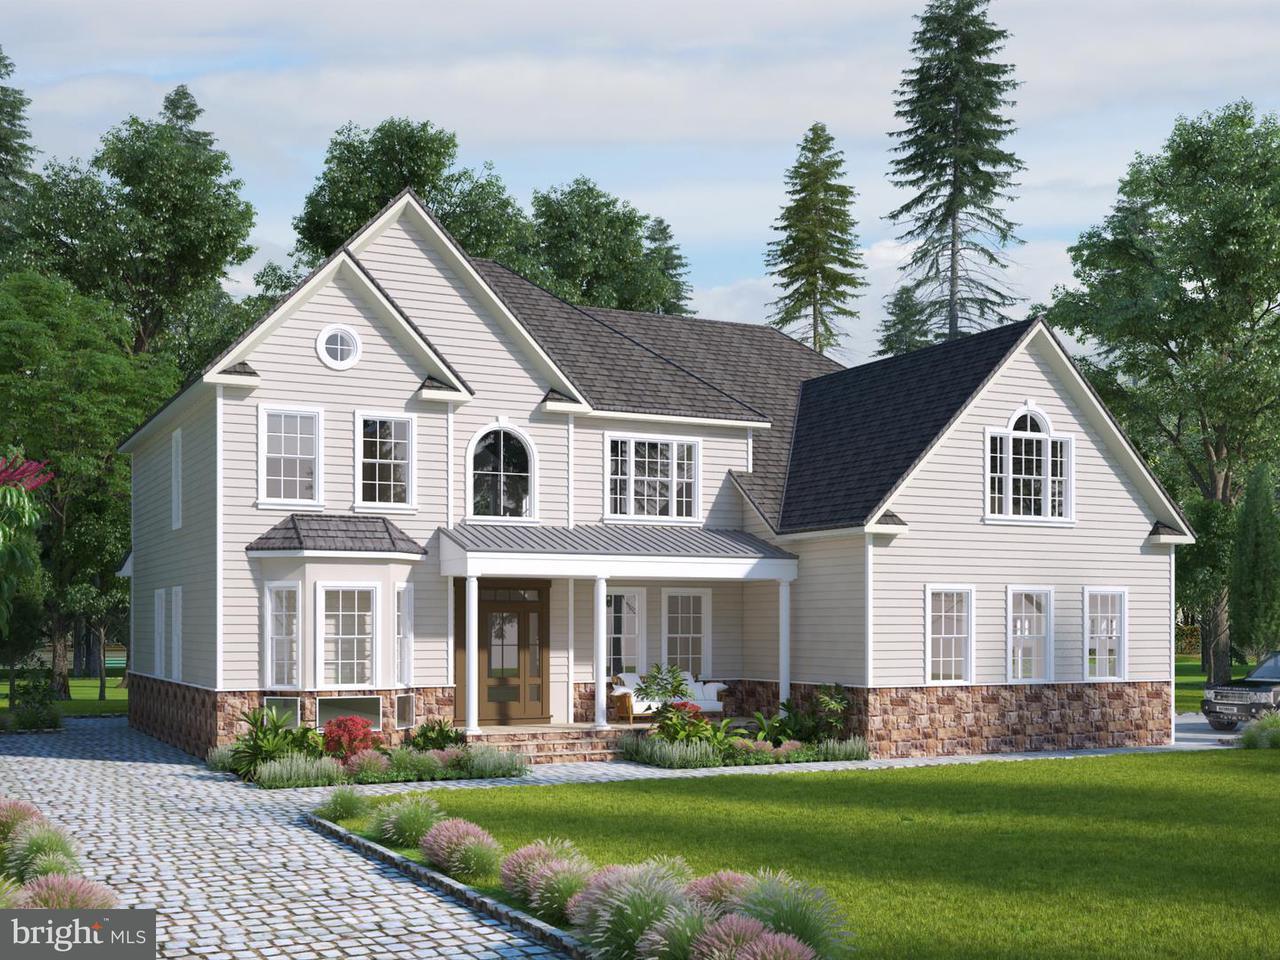 独户住宅 为 销售 在 12726 Gores Mill Road 12726 Gores Mill Road Reisterstown, 马里兰州 21136 美国